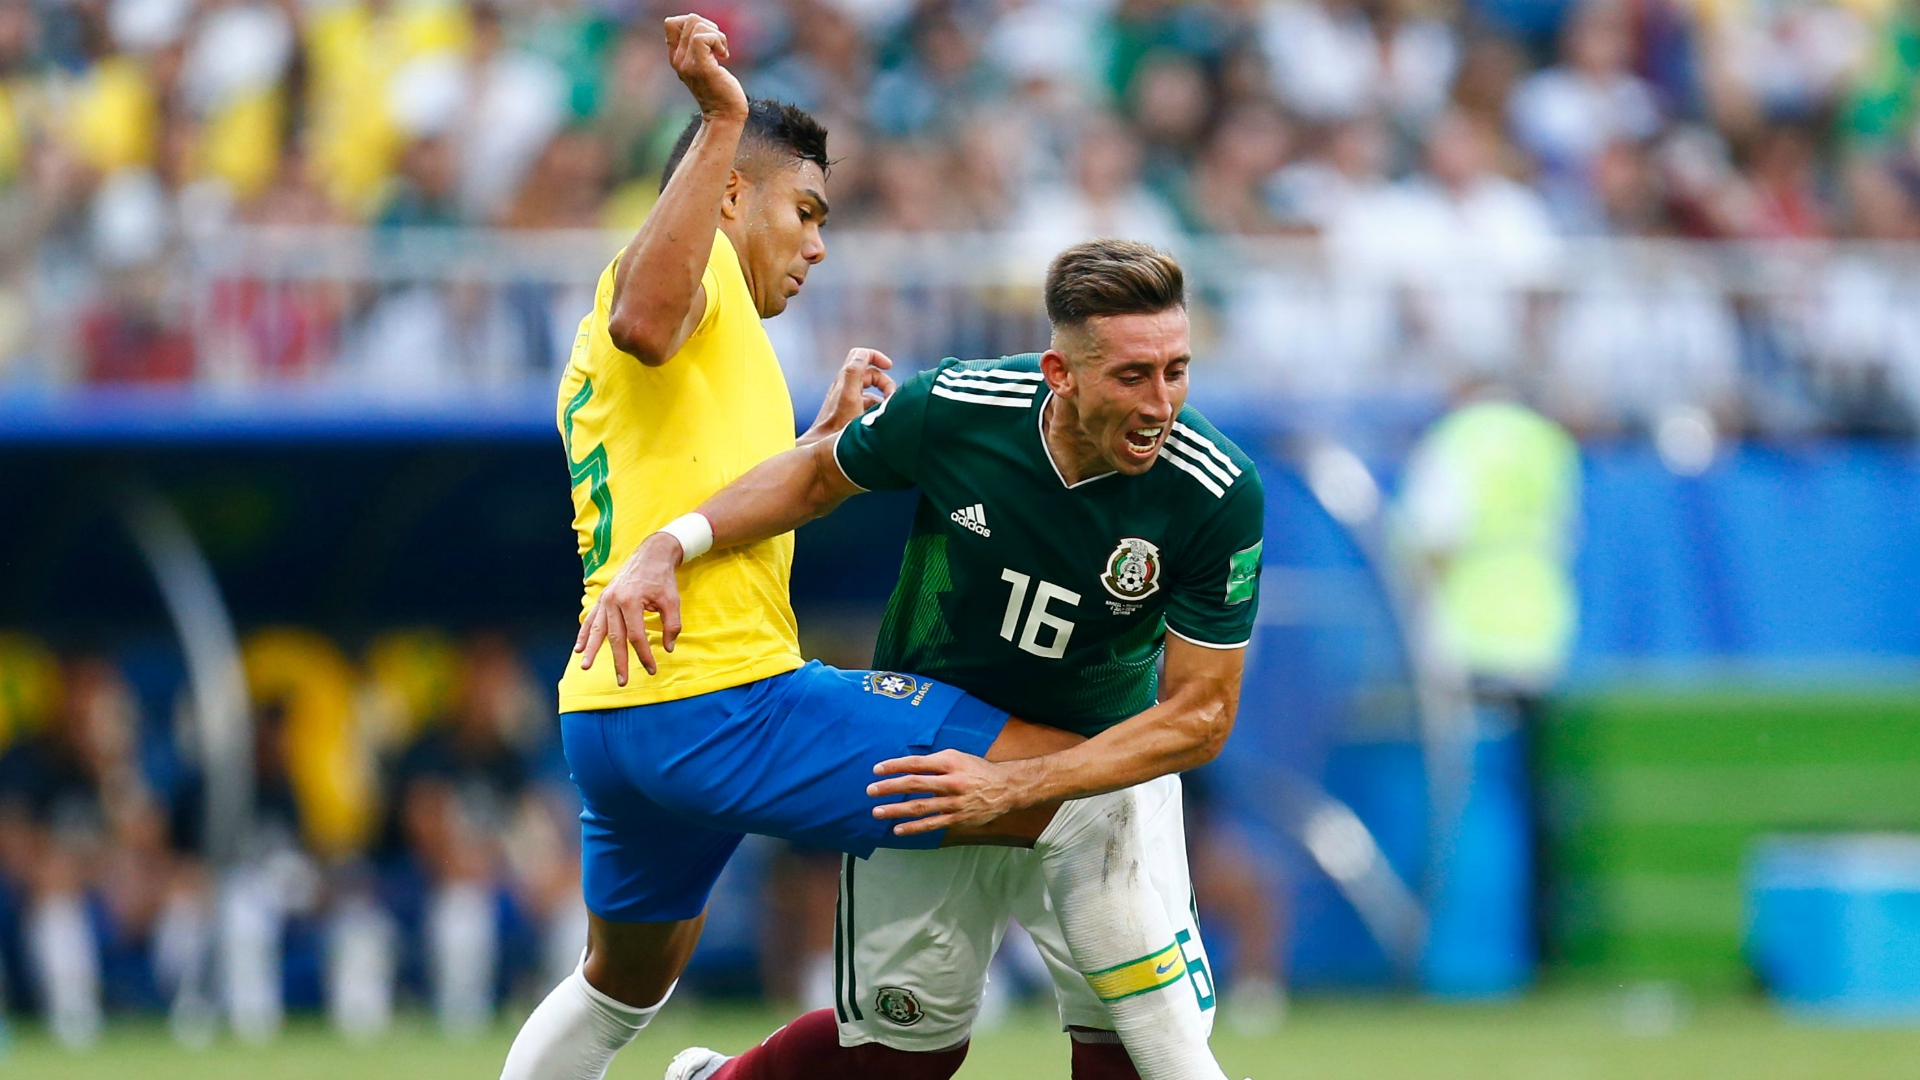 Casemiro Hector Herrera Brazil Mexico FIFA World Cup 2018 07022018